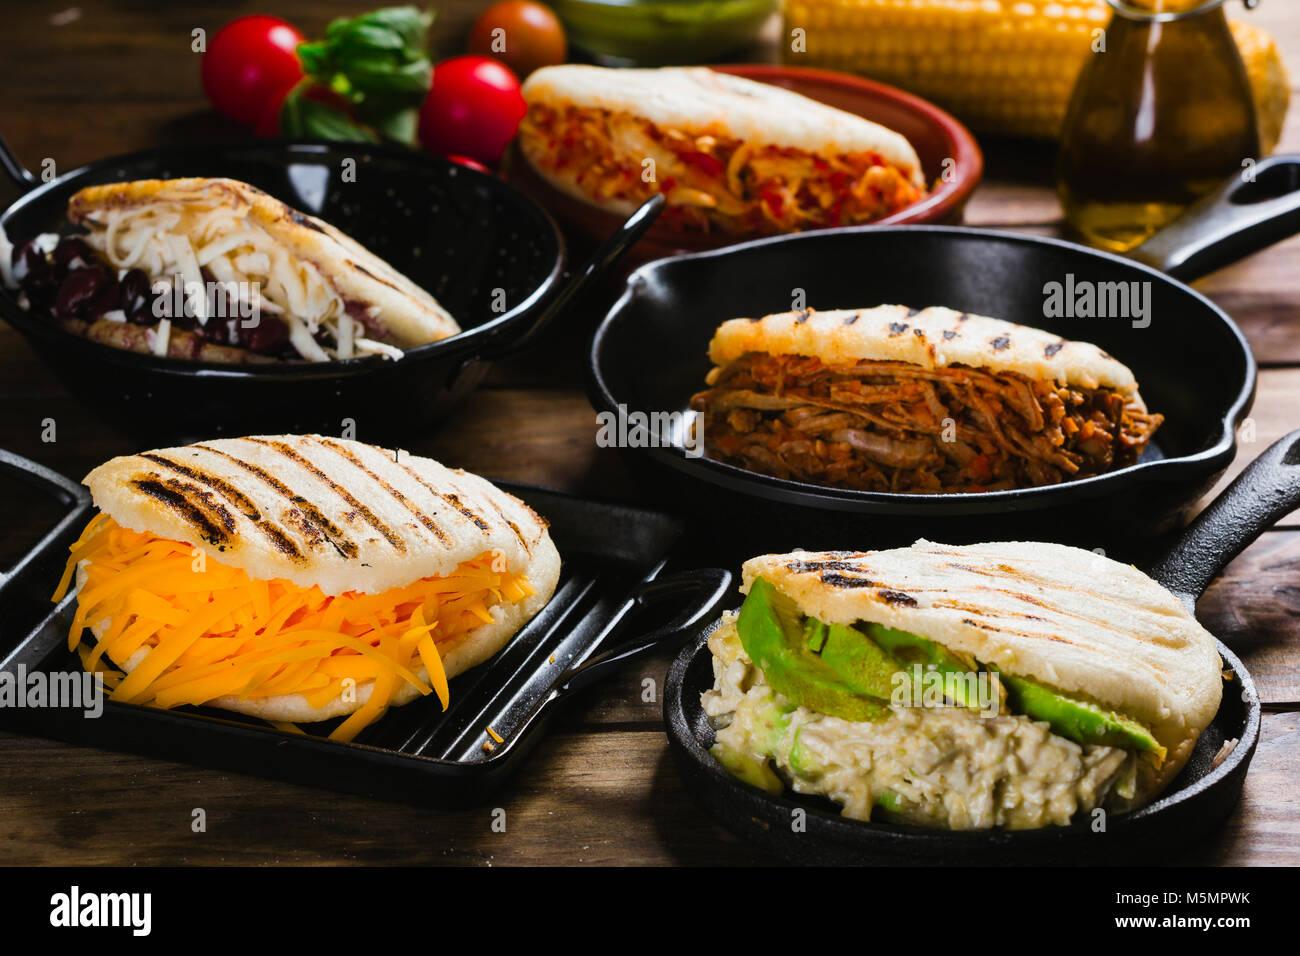 Diversi tipi di arepas il tipico cibo venezuelano foto immagine stock 175633967 alamy - Diversi tipi di pane ...